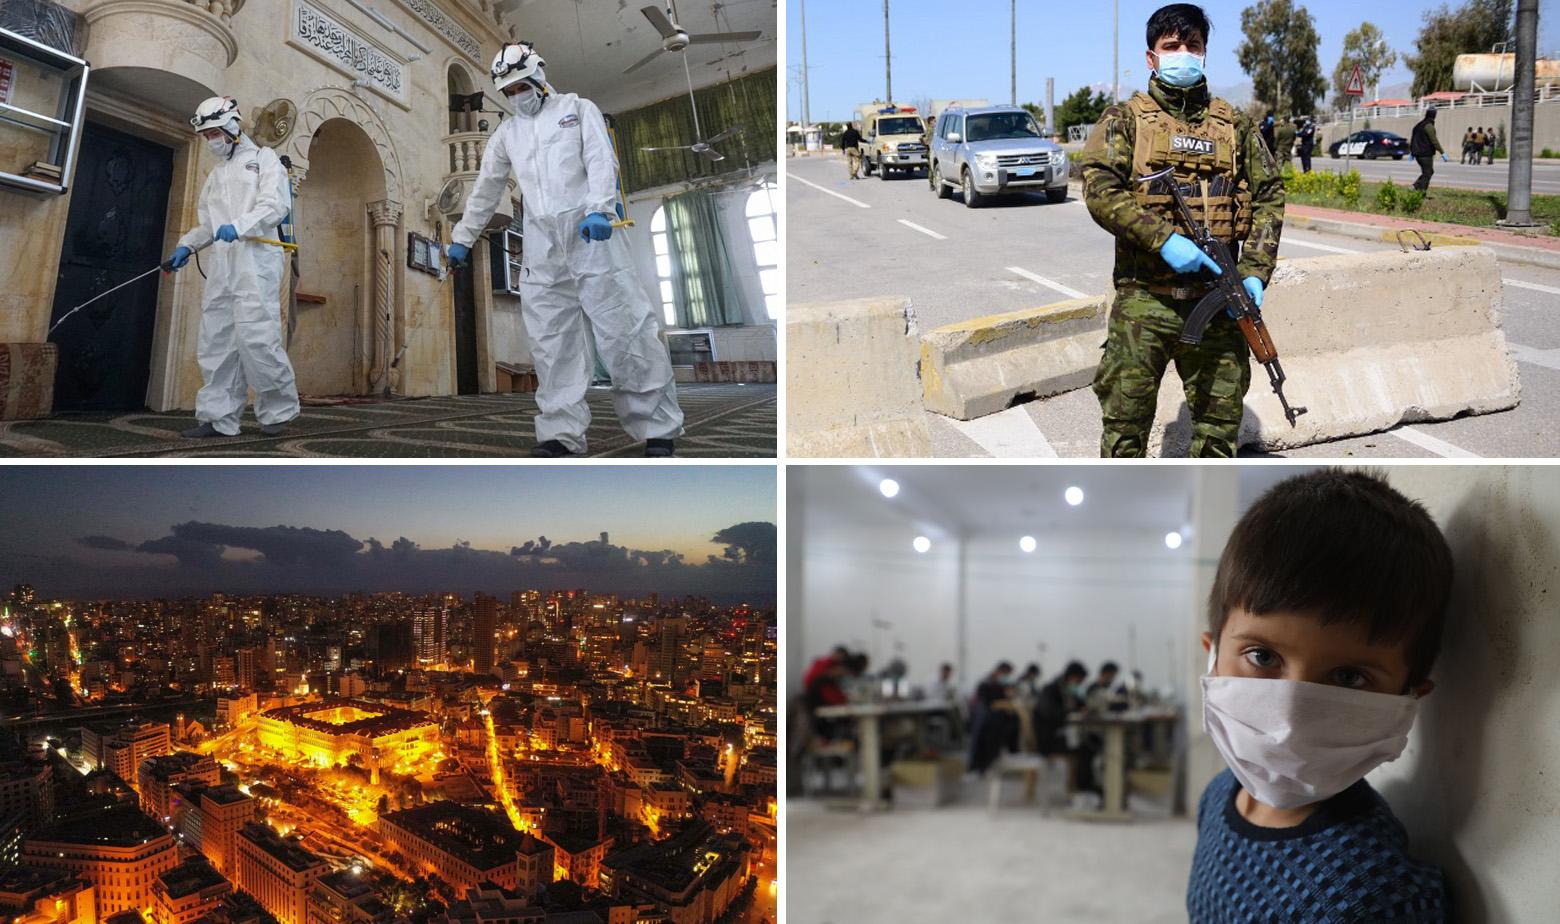 Prizori iz Sirije, Iraka i Libanona